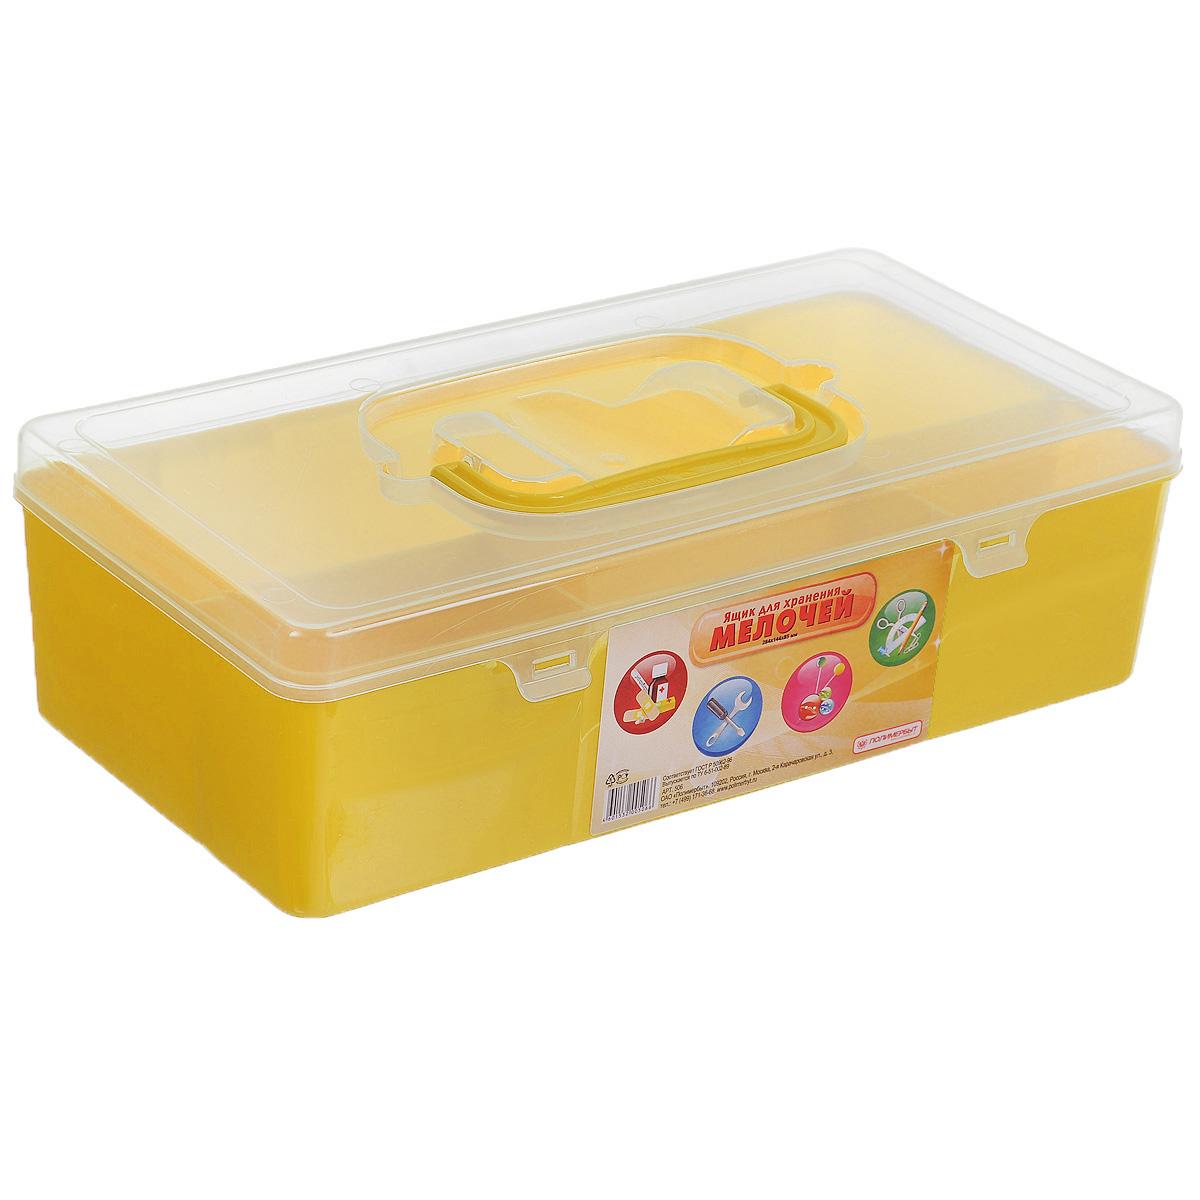 Ящик для мелочей Полимербыт, цвет: желтый, 28,4 х 14,4 х 8,5 см294313-880Ящик Полимербыт, выполненный из прочного пластика, предназначен для хранения различных мелких вещей. Внутри имеются 4 отделения различных размеров: большое, среднее и два маленьких. Ящик закрывается при помощи прозрачной крышки, на которой расположена удобная ручка для переноски. Ящик Полимербыт поможет хранить все в одном месте, а также защитить вещи от пыли, грязи и влаги.Размеры отделений:Размер большого отделения: 28,4 см х 9 см х 8,5 см; Размер среднего отделения: 11,3 см х 4,7 см х 8,5 см; Размер малого отделения: 8 см х 4,7 см х 8,5 см.